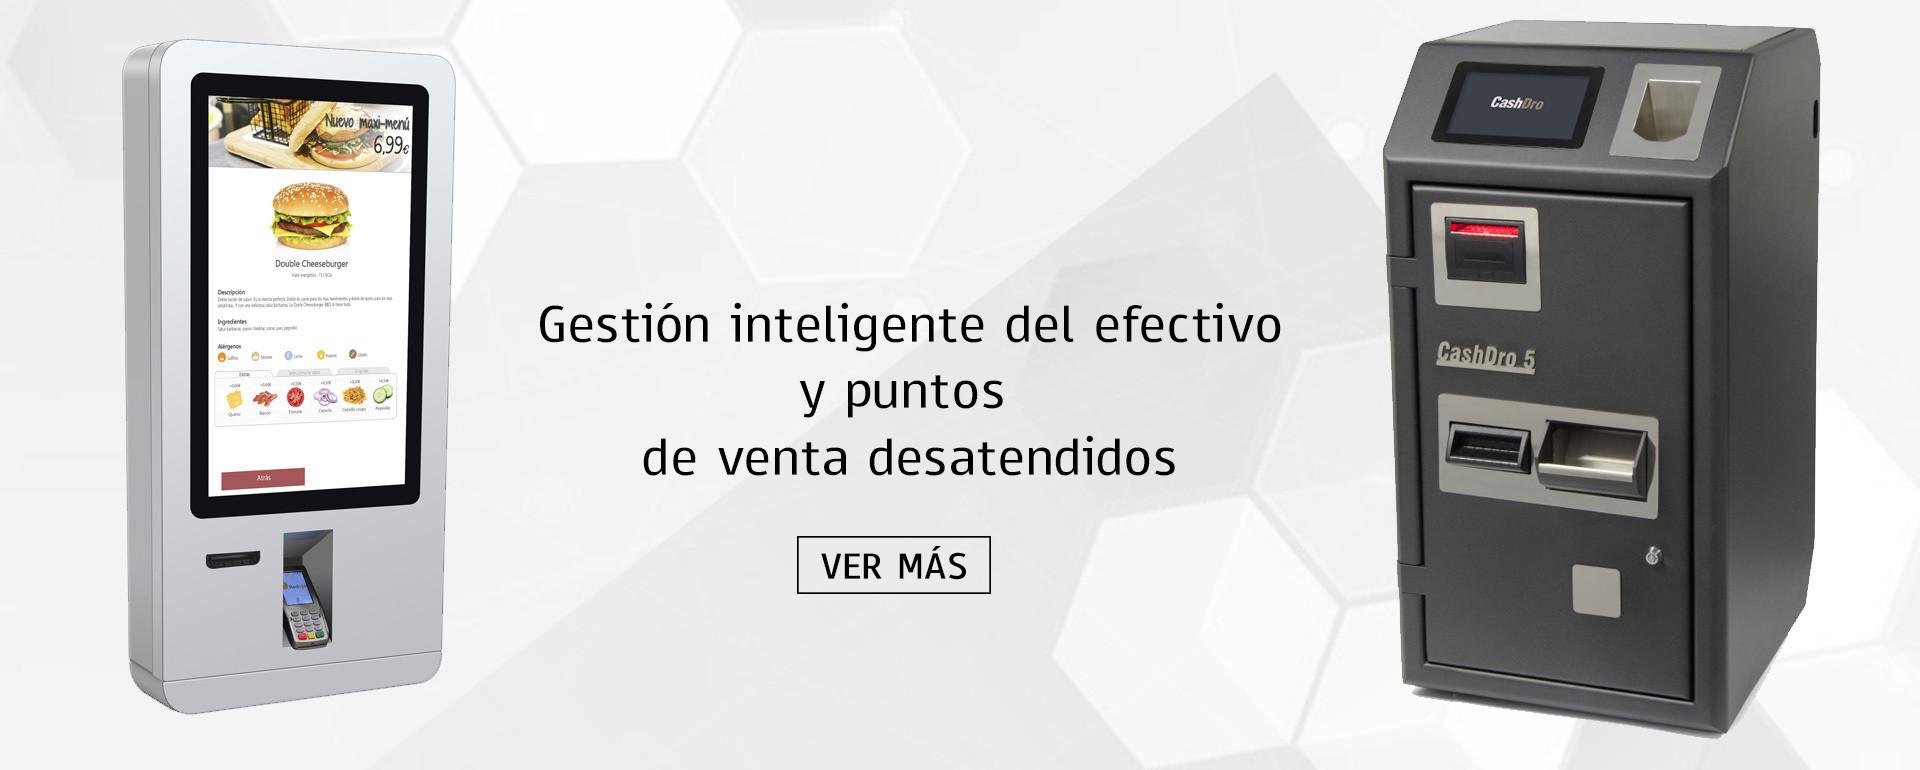 GESTIÓN INTELIGENTE DEL EFECTIVO Y PUNTOS DE VENTA DESATENDIDOS.